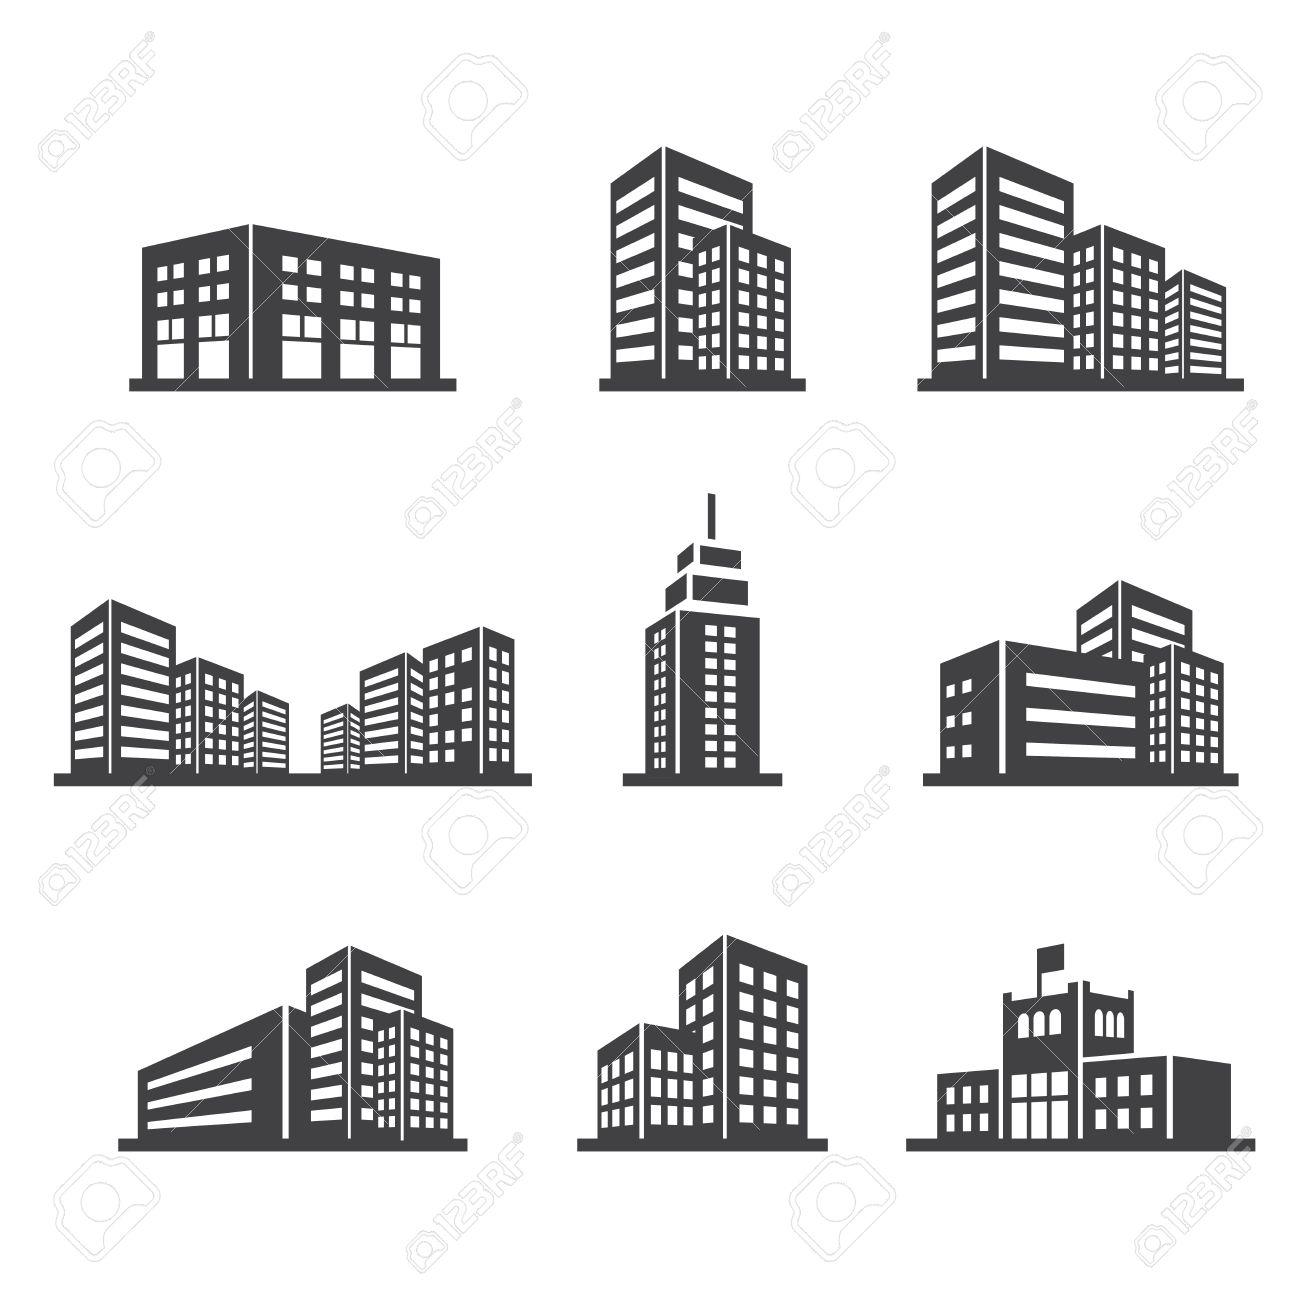 building icon - 33929709